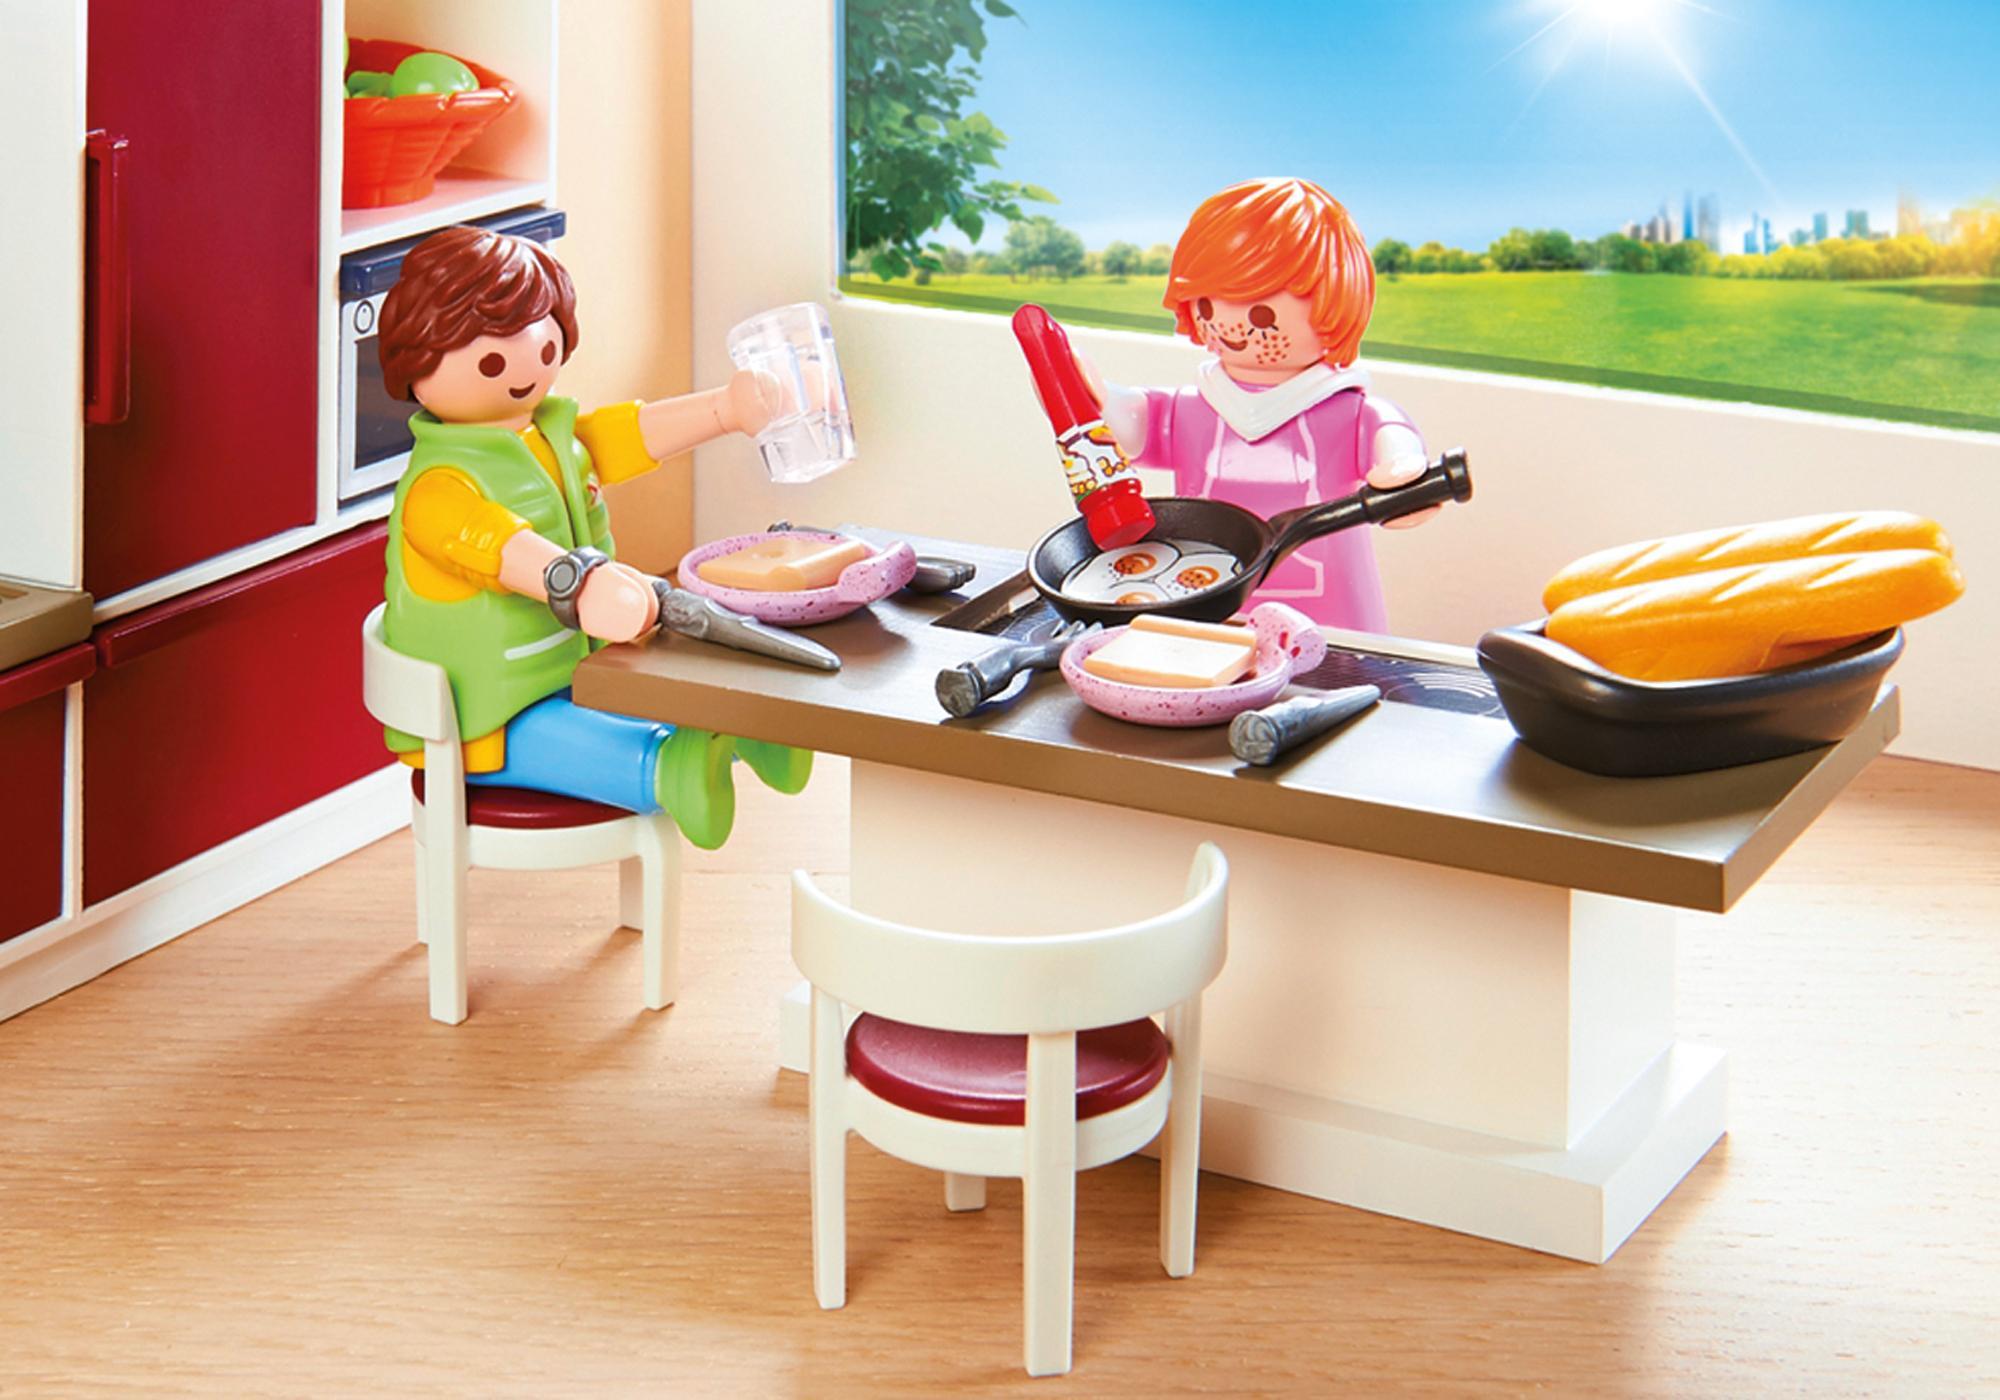 http://media.playmobil.com/i/playmobil/9269_product_extra1/Cuisine aménagée